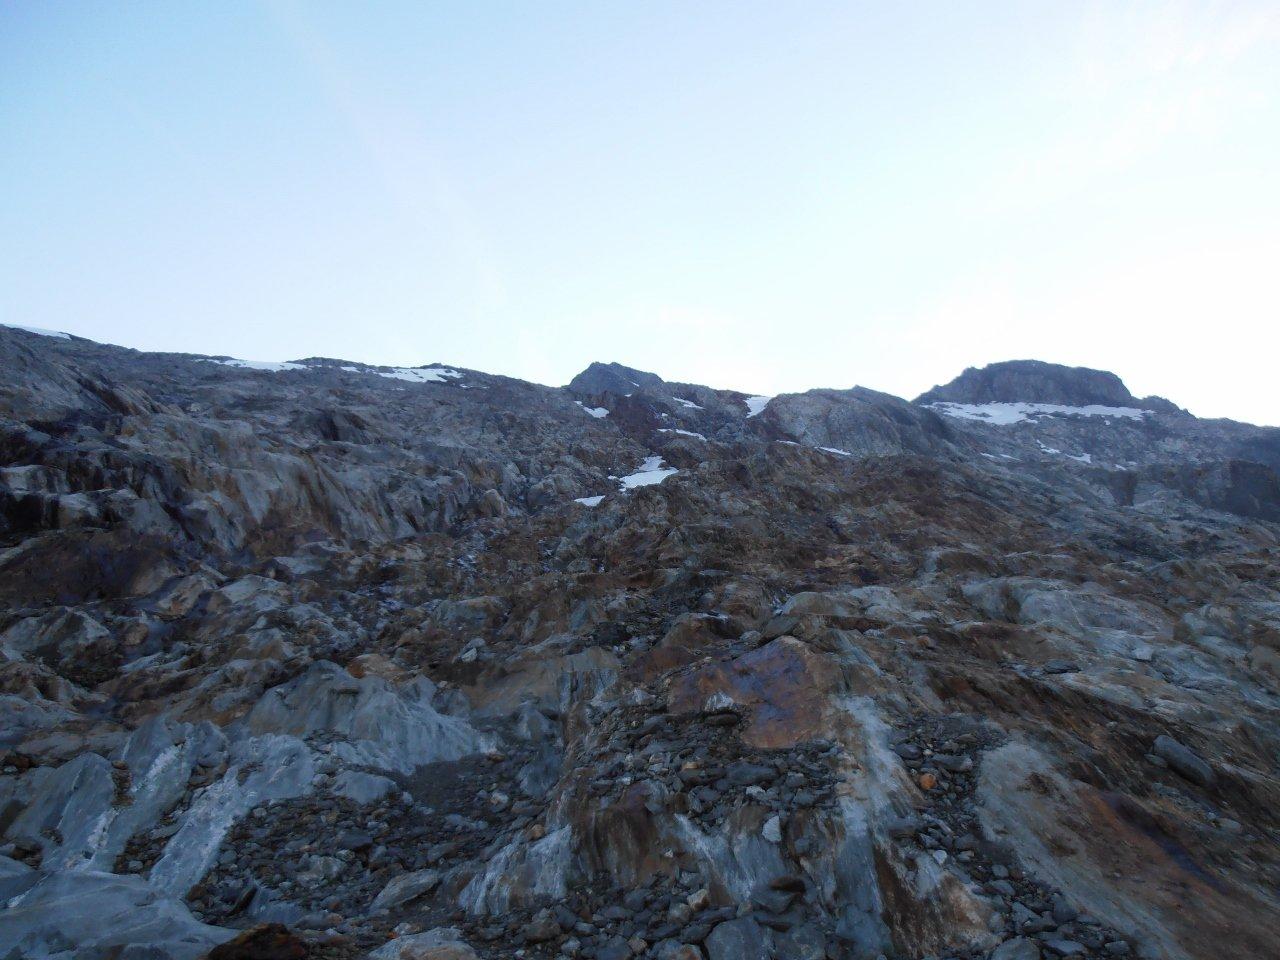 10 - al mattino si parte attraverso un labirinto di rocce lavorate dai ghiacciai